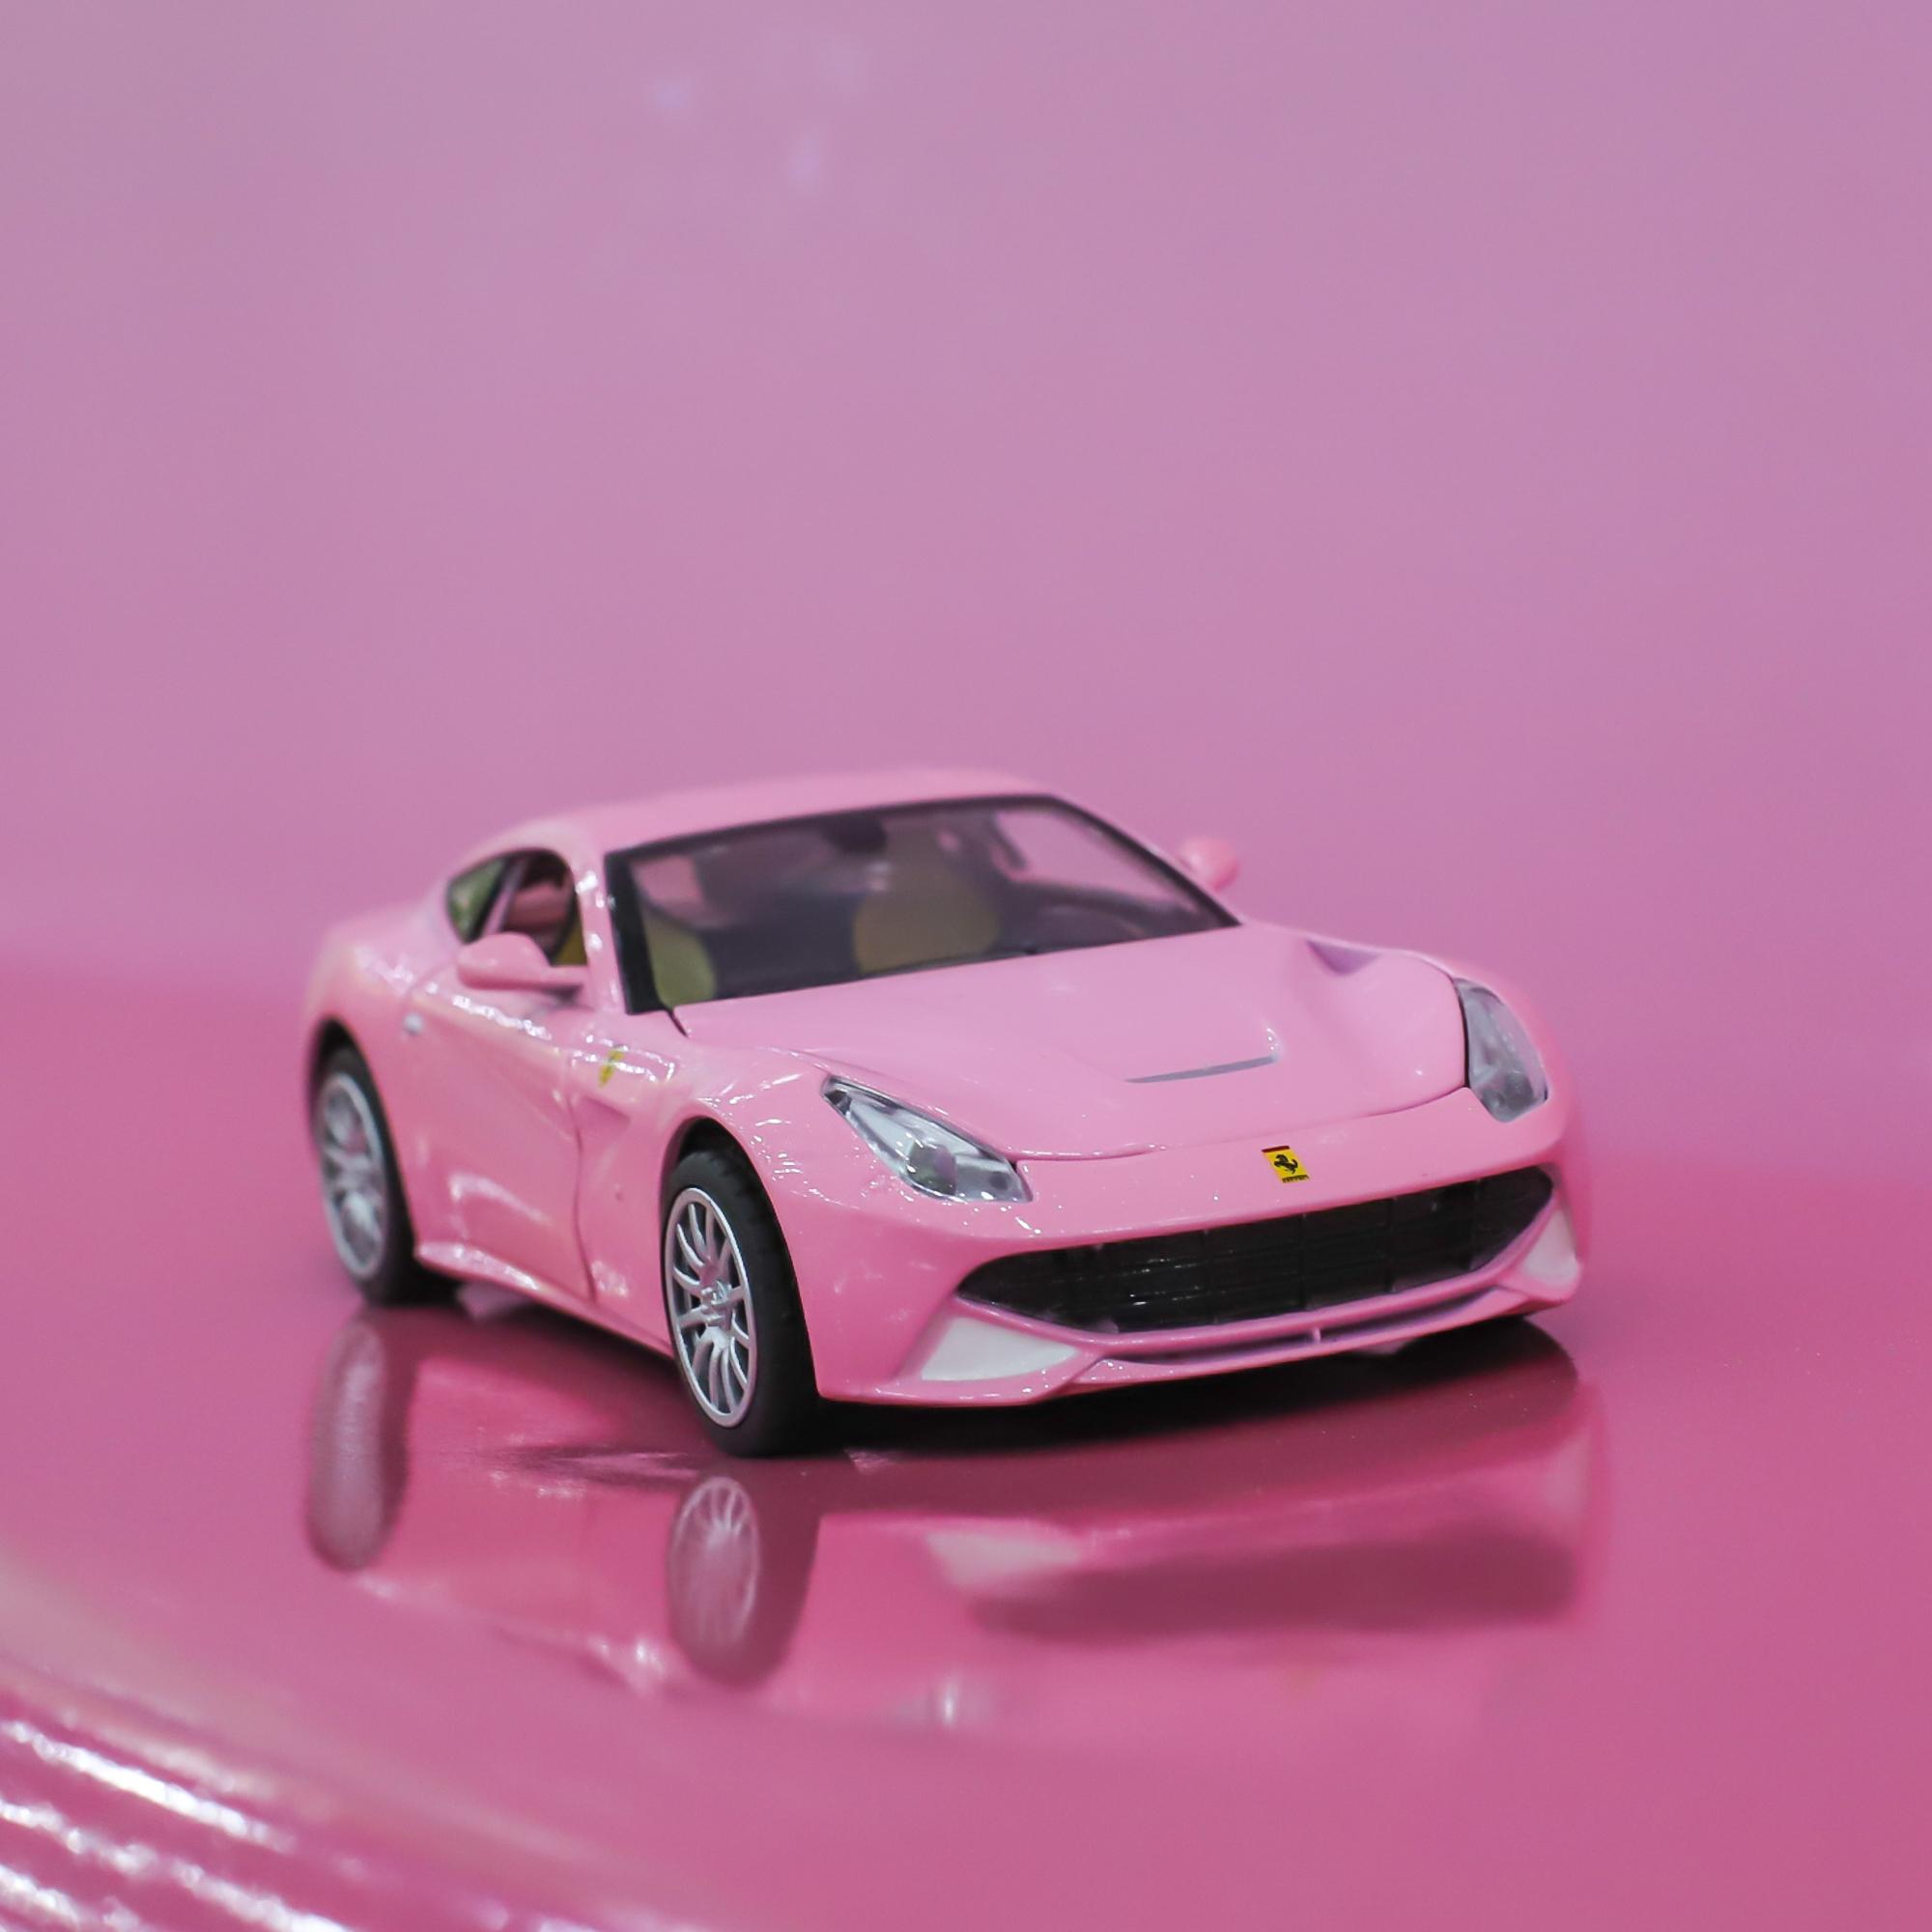 1:32仿真法拉利F12合金跑车汽车模型男孩音乐灯光玩具车收藏礼物